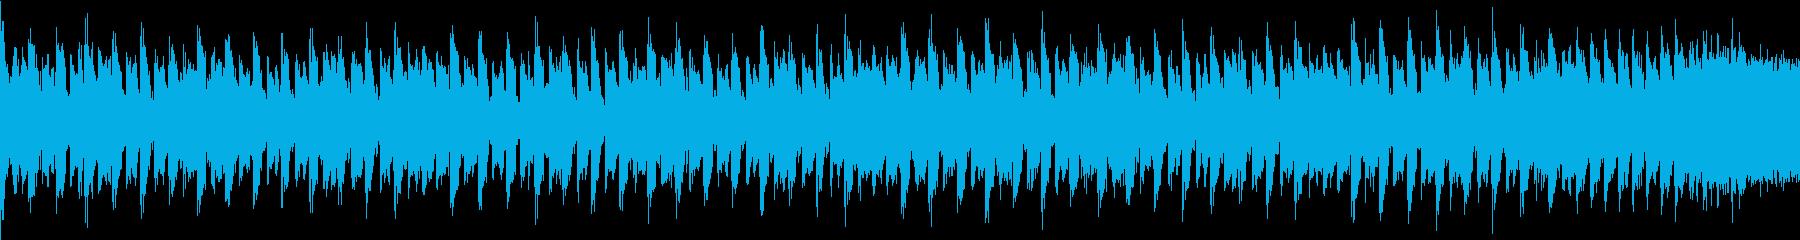 テンションが上がる真夏のシンセEDMの再生済みの波形